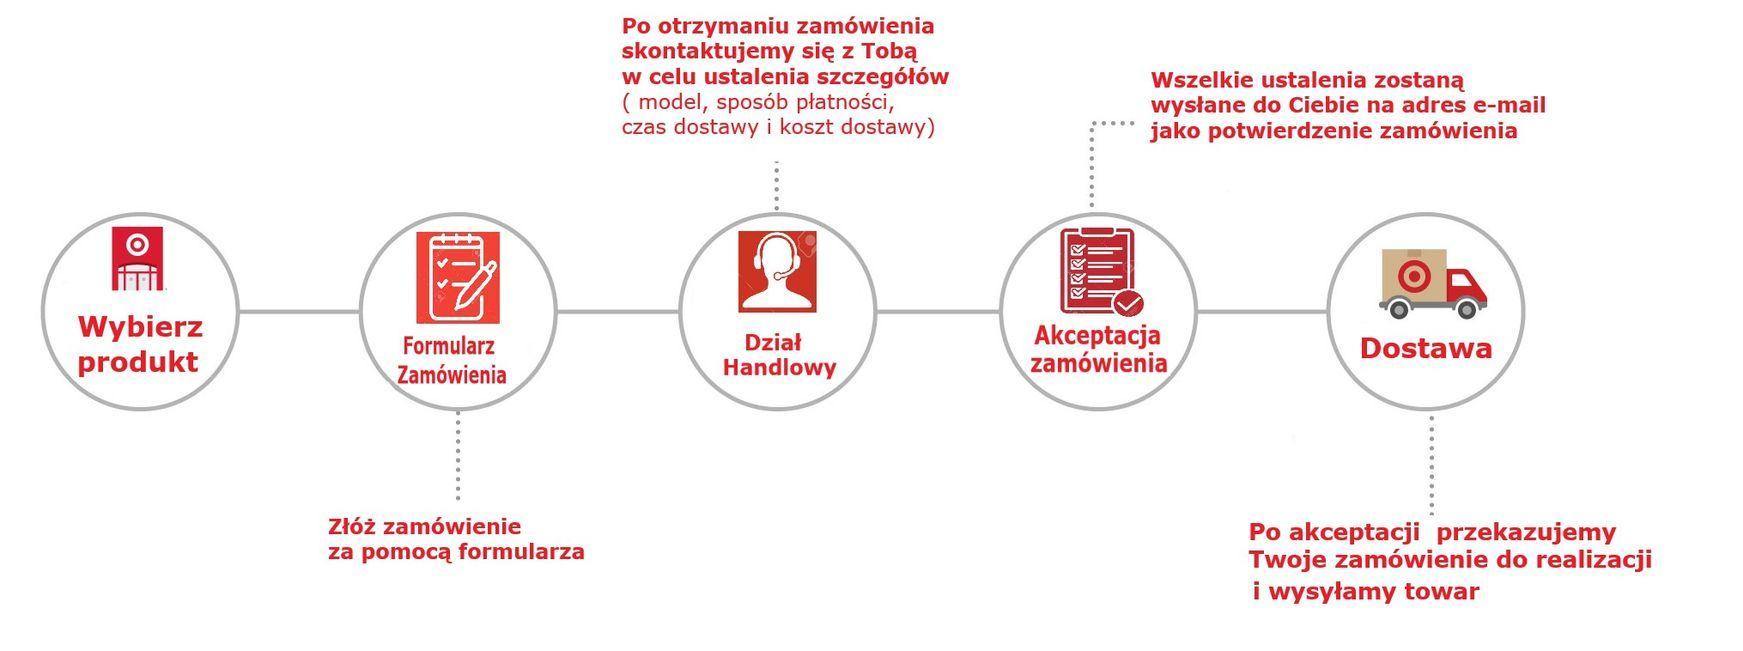 Baubras Polska